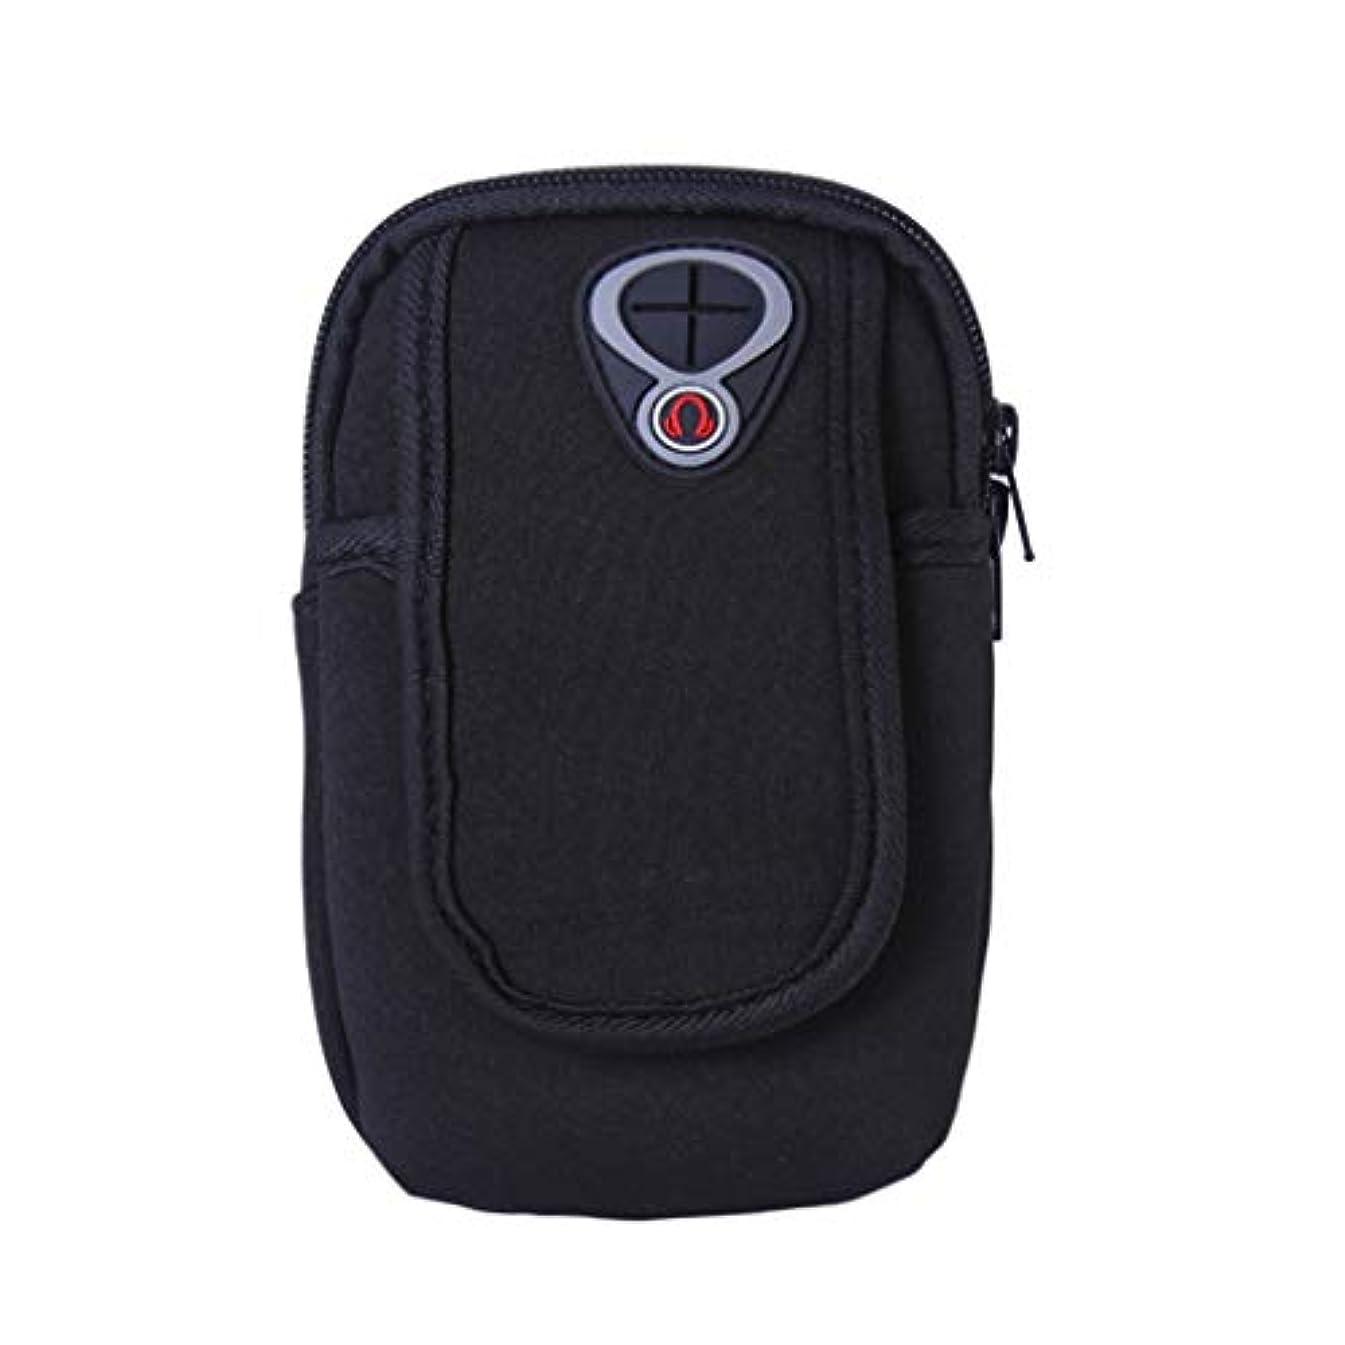 狂った報酬かわすスマートフォンホルダー 携帯ケース YOKINO 通気性抜群 小物収納 防水防汗 軽量 縫い目なし 調節可能 男女共用